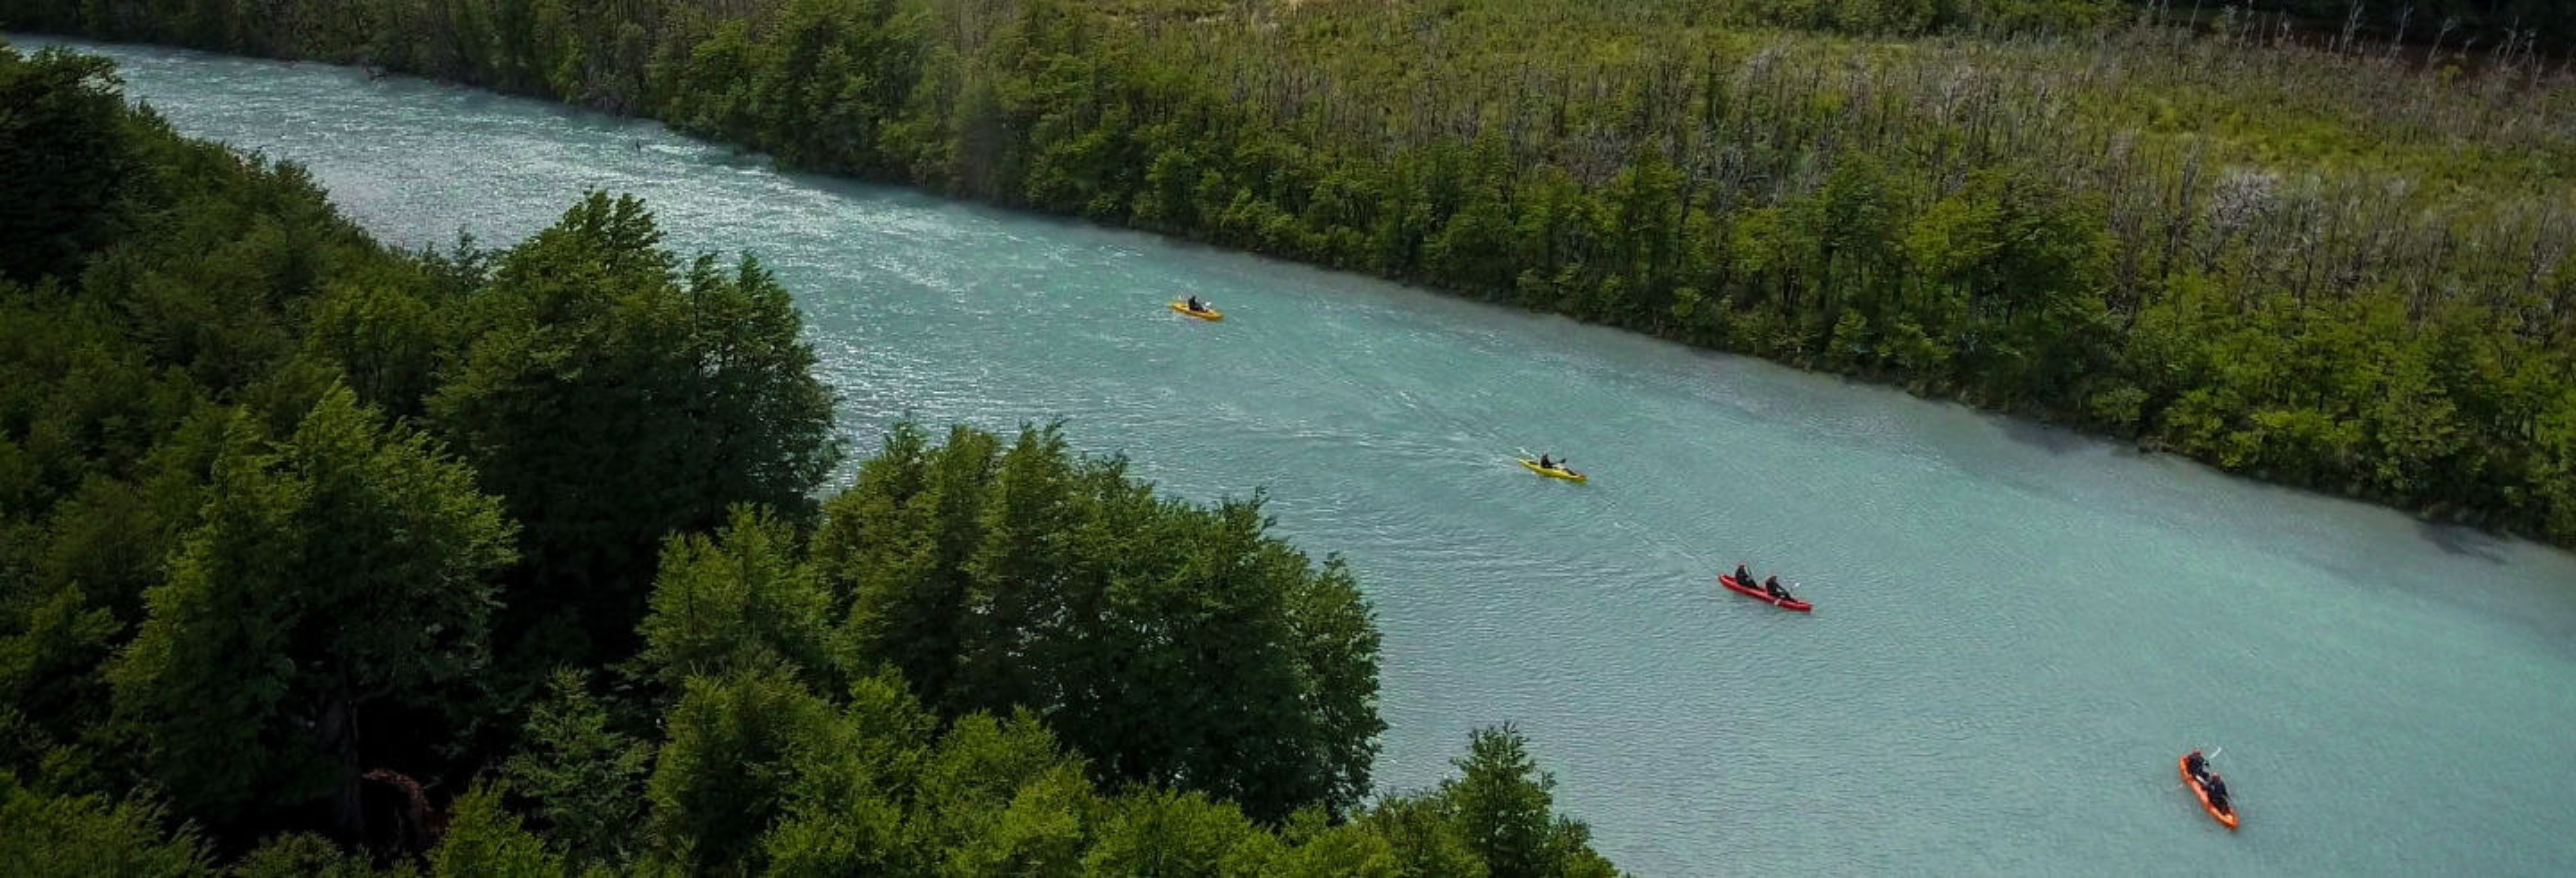 Balade en kayak sur le río de las Vueltas